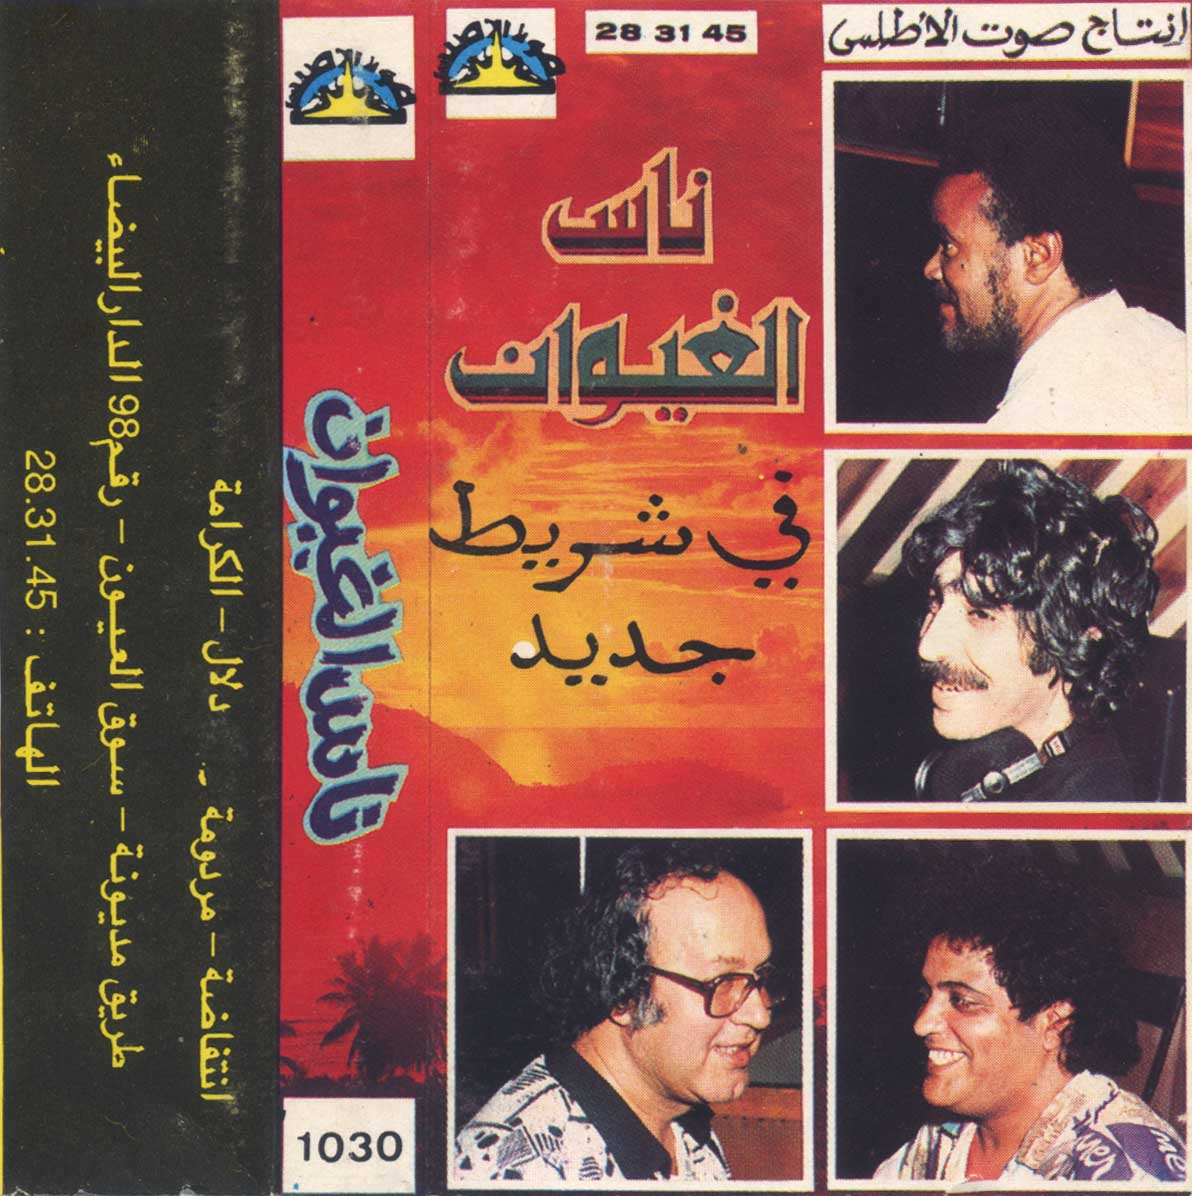 Bhaag Milkha Bhaag Songs Torrents